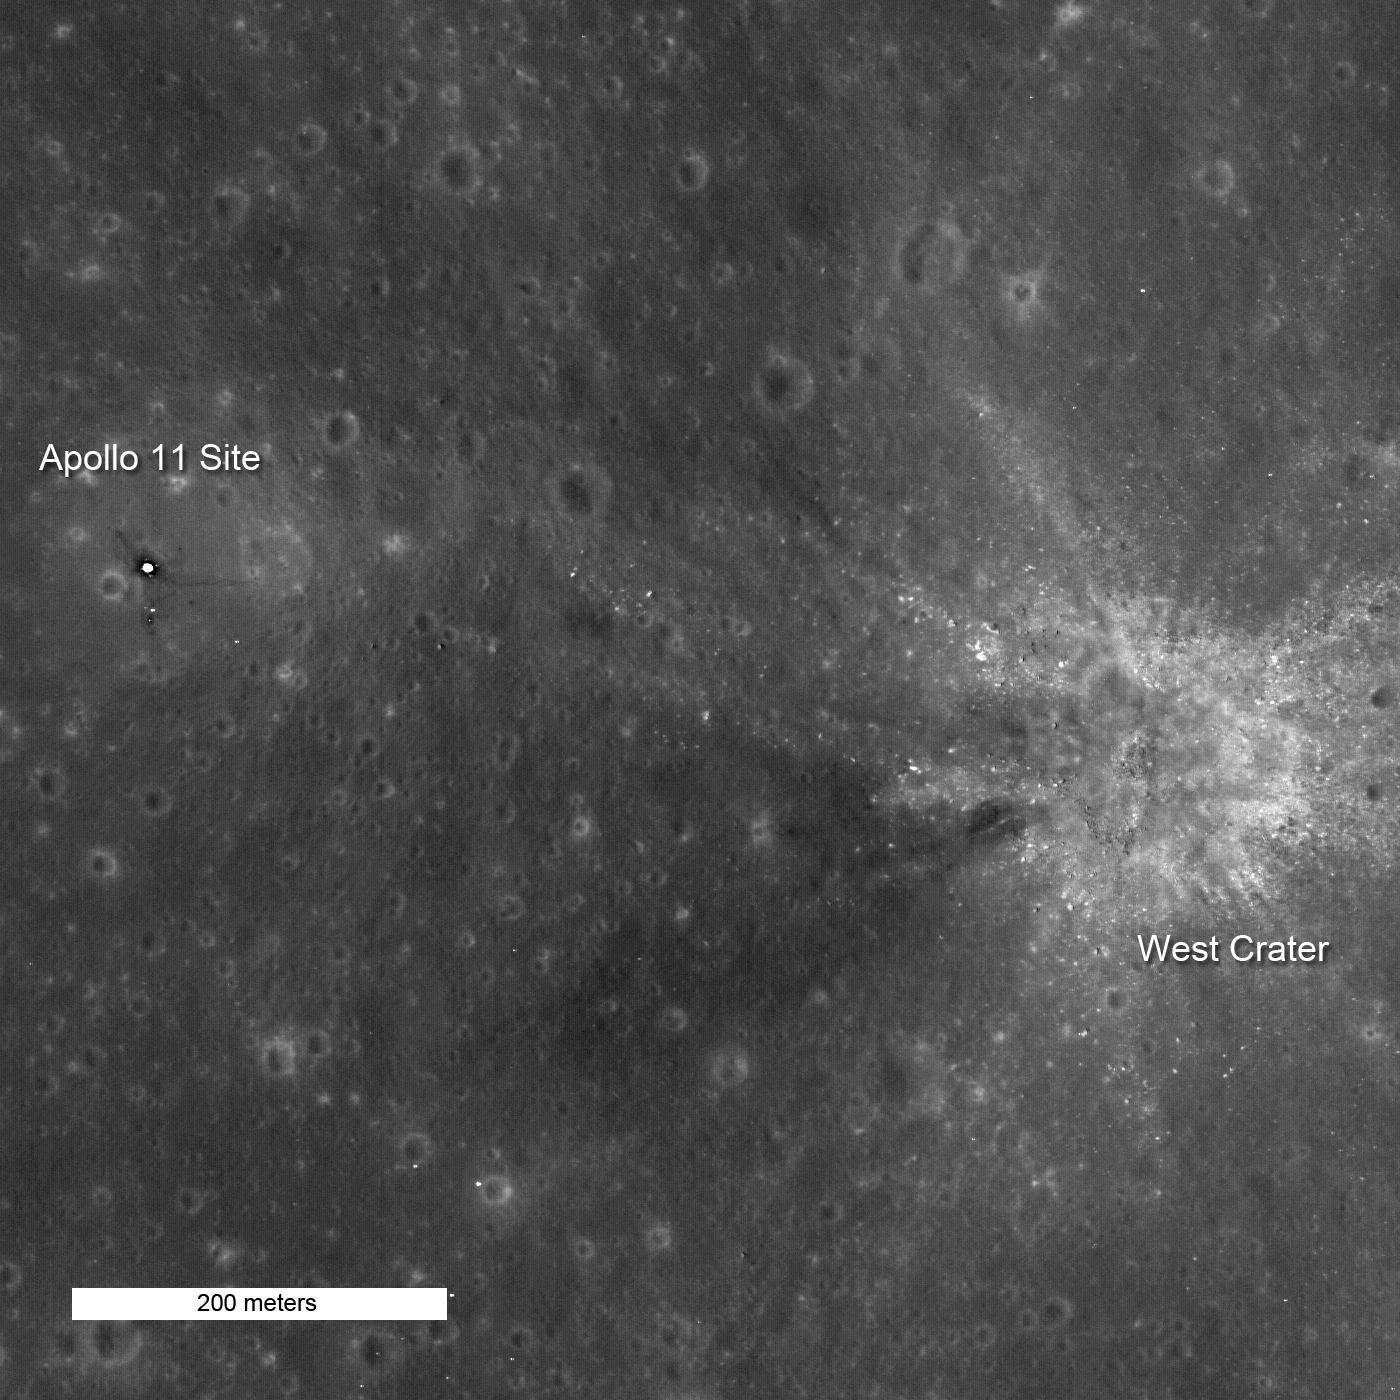 Apollo 11 Landing Site. Courtesy of NASA/GSFC/Arizona State University